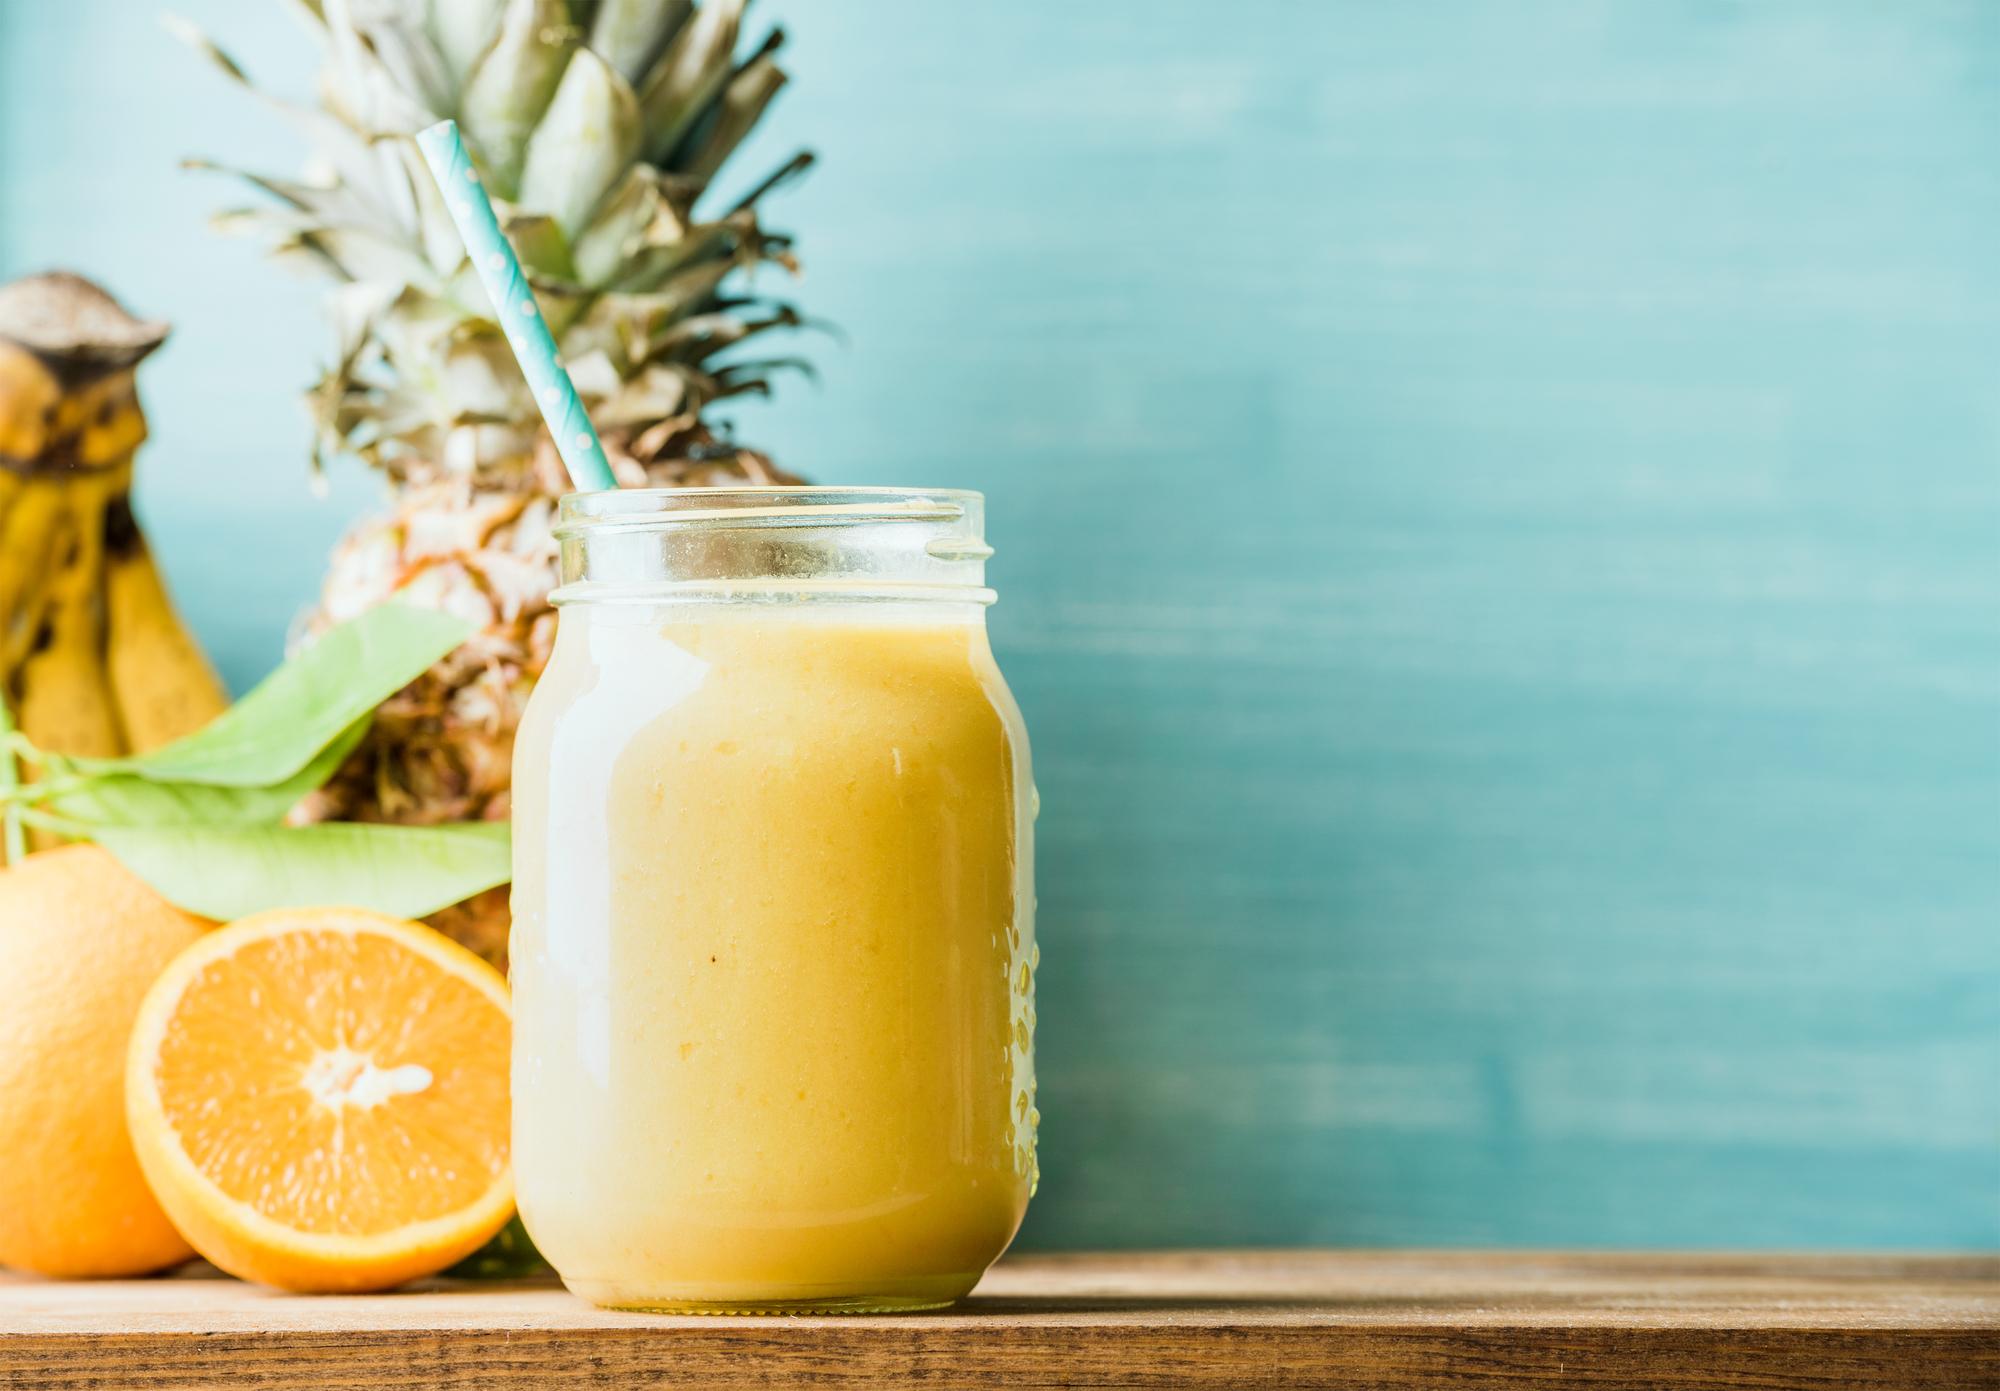 Витаминные коктейли для детей: топ-3 рецепта